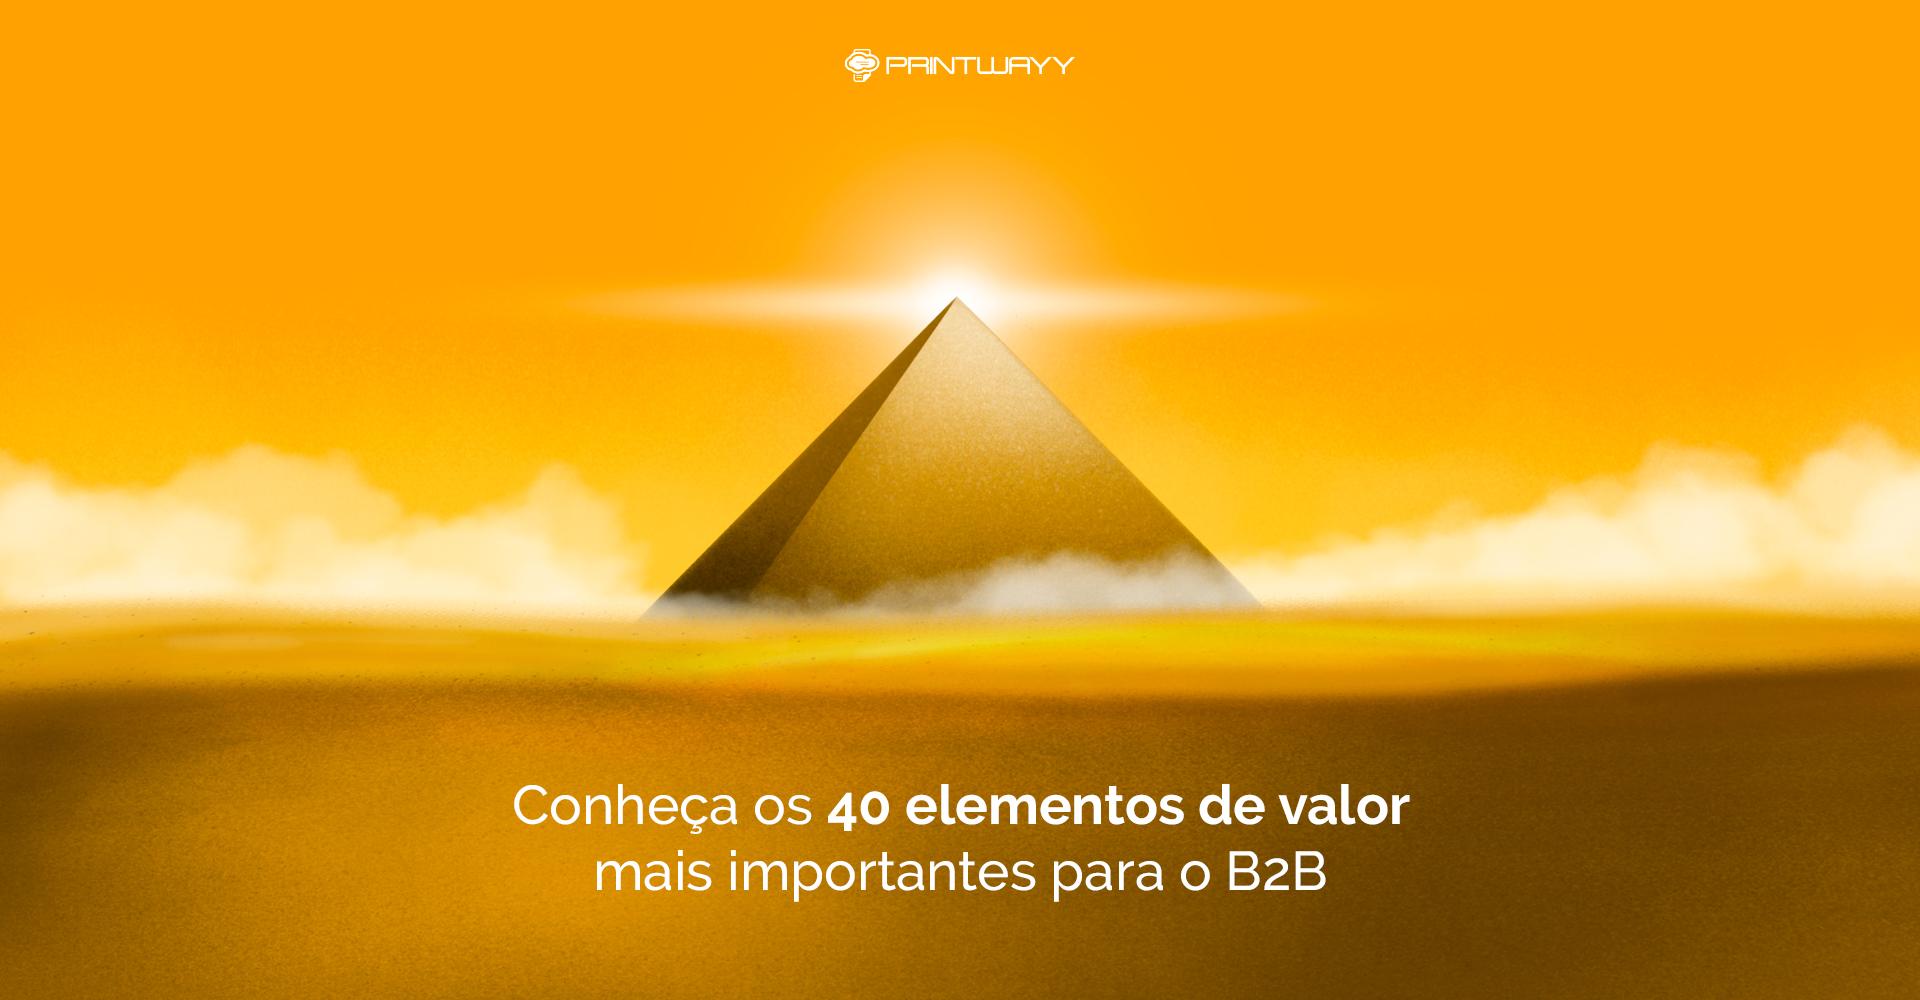 Ilustração de uma pirâmide no deserto. A ilustração representa os elementos de valor do B2B que são apresentados em forma de pirâmide.